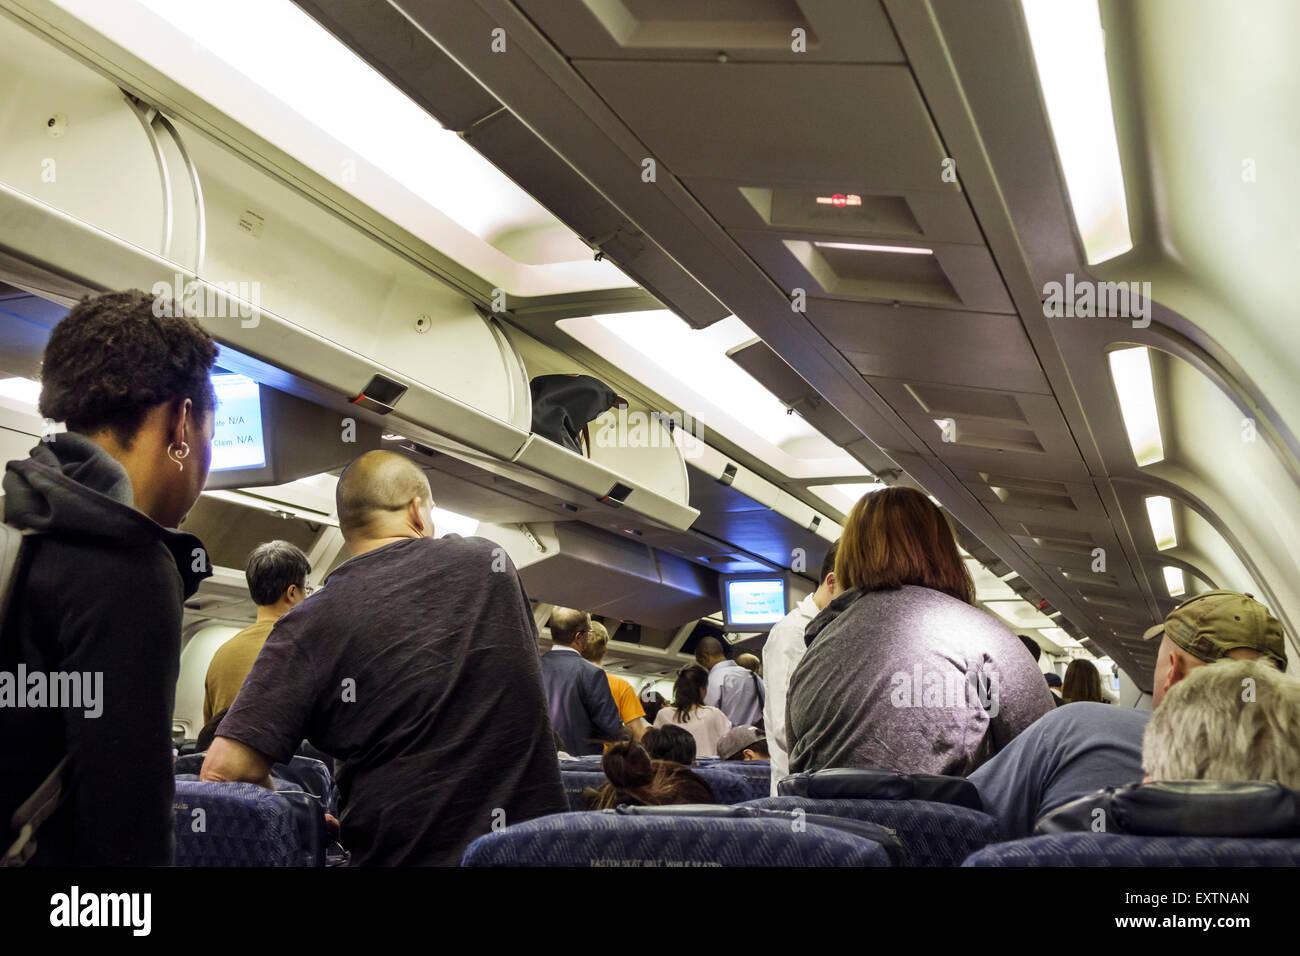 Dallas Texas Dallas Ft. Aeroporto Internazionale Fort Worth DFW American Airlines cabina di un aereo imbarco arrivo Immagini Stock